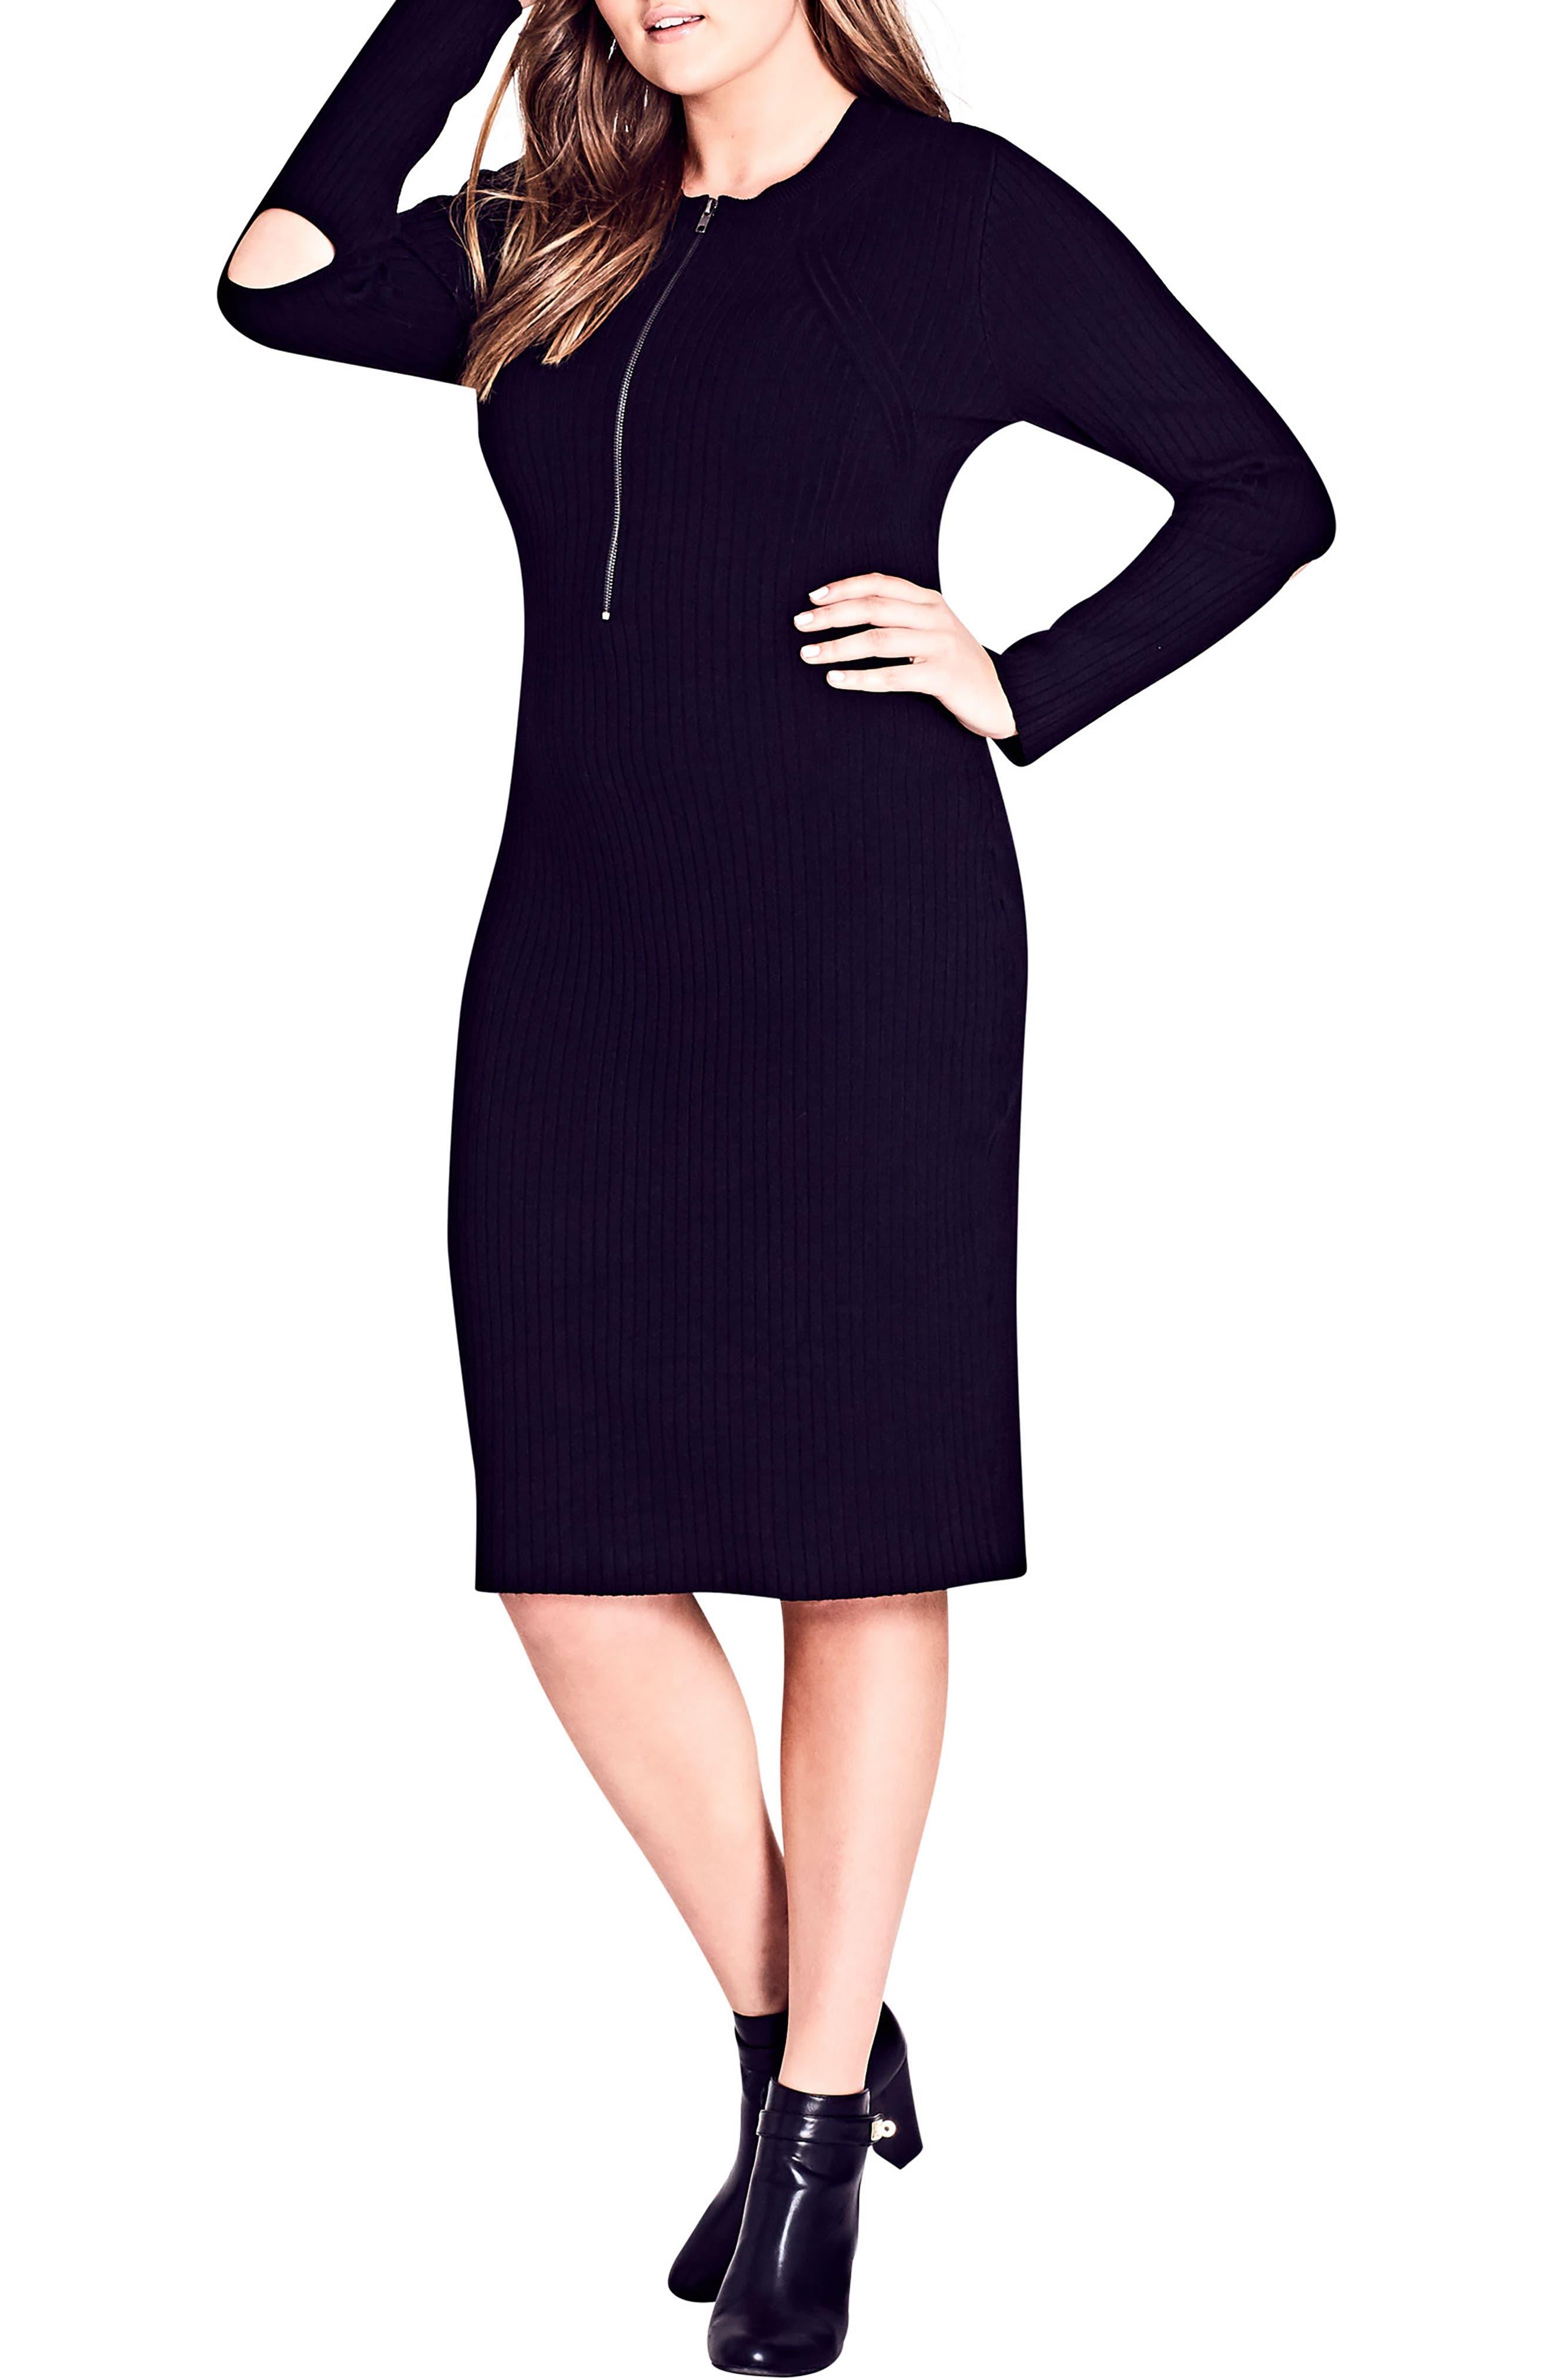 City Chic Zipped Up Sweater Dress (Plus Size)